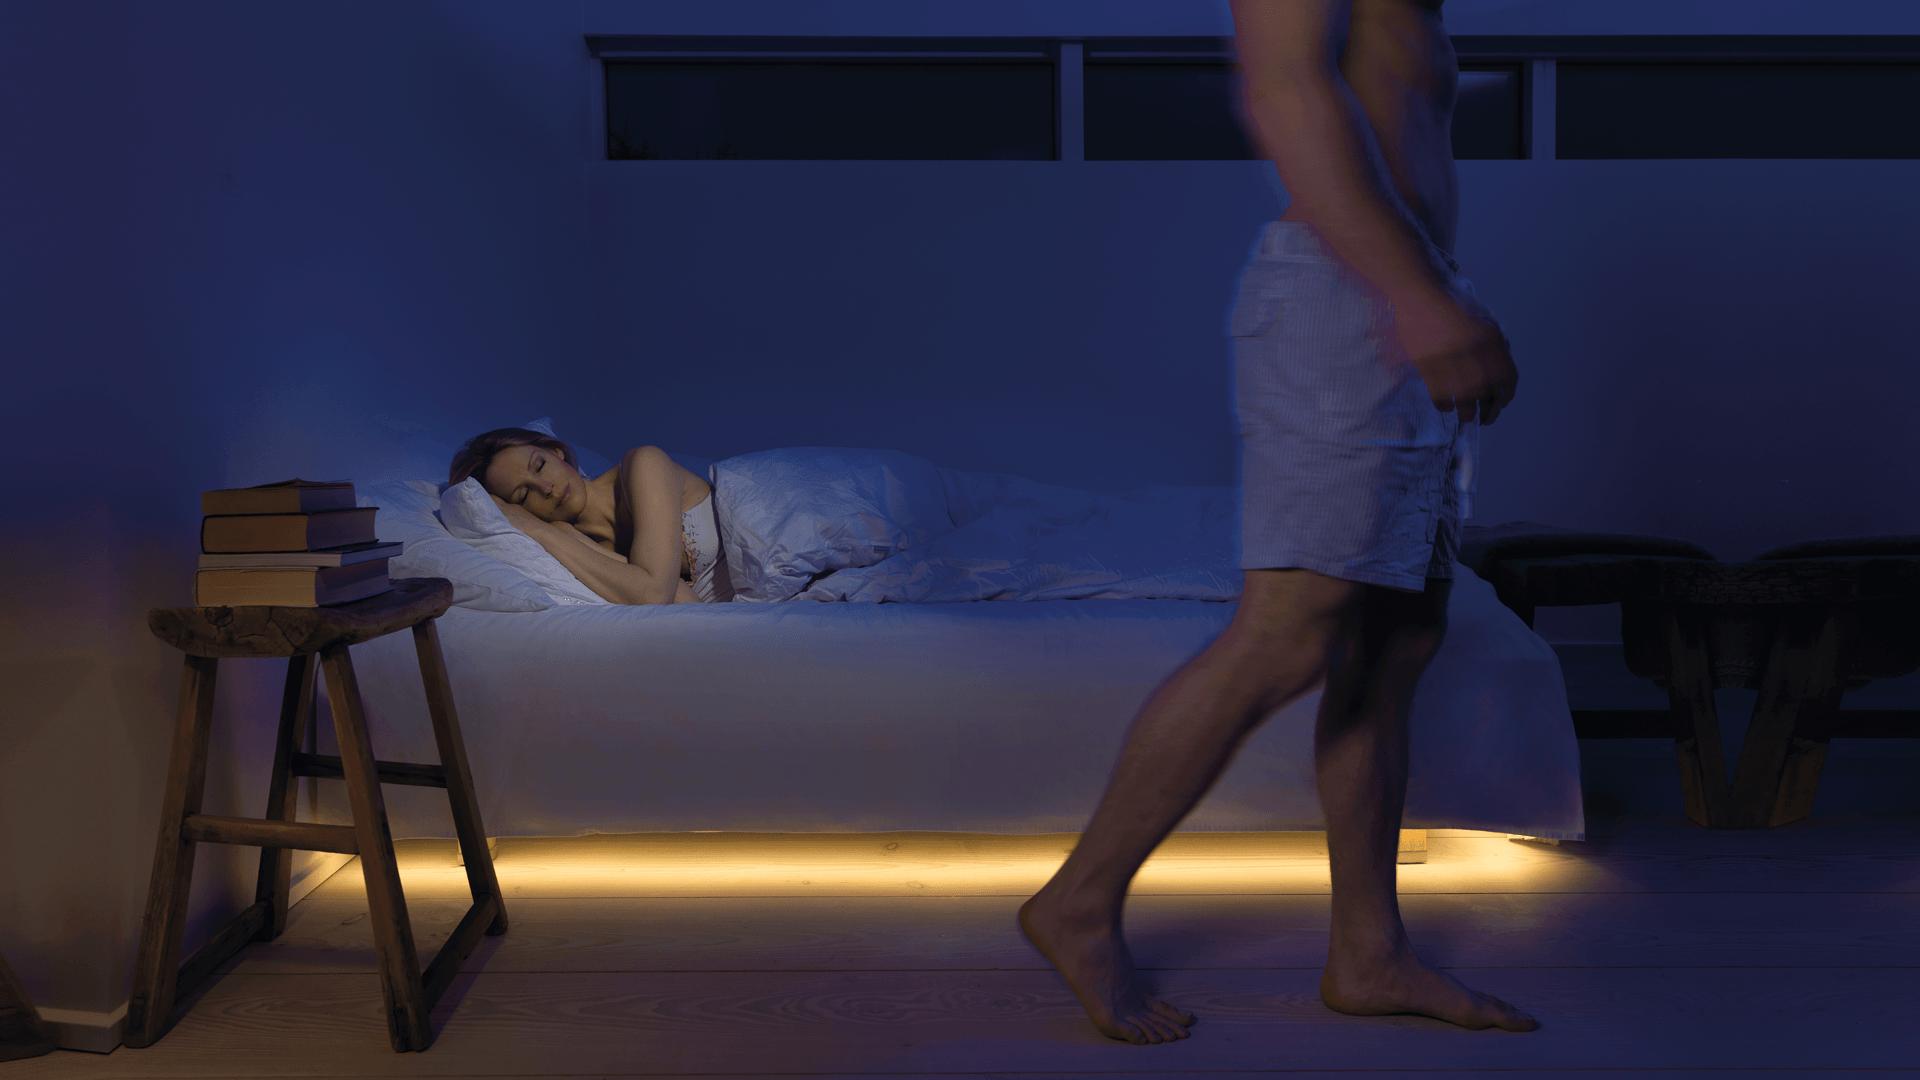 Mylight Bettbeleuchtung bringt Licht in die Finsternis